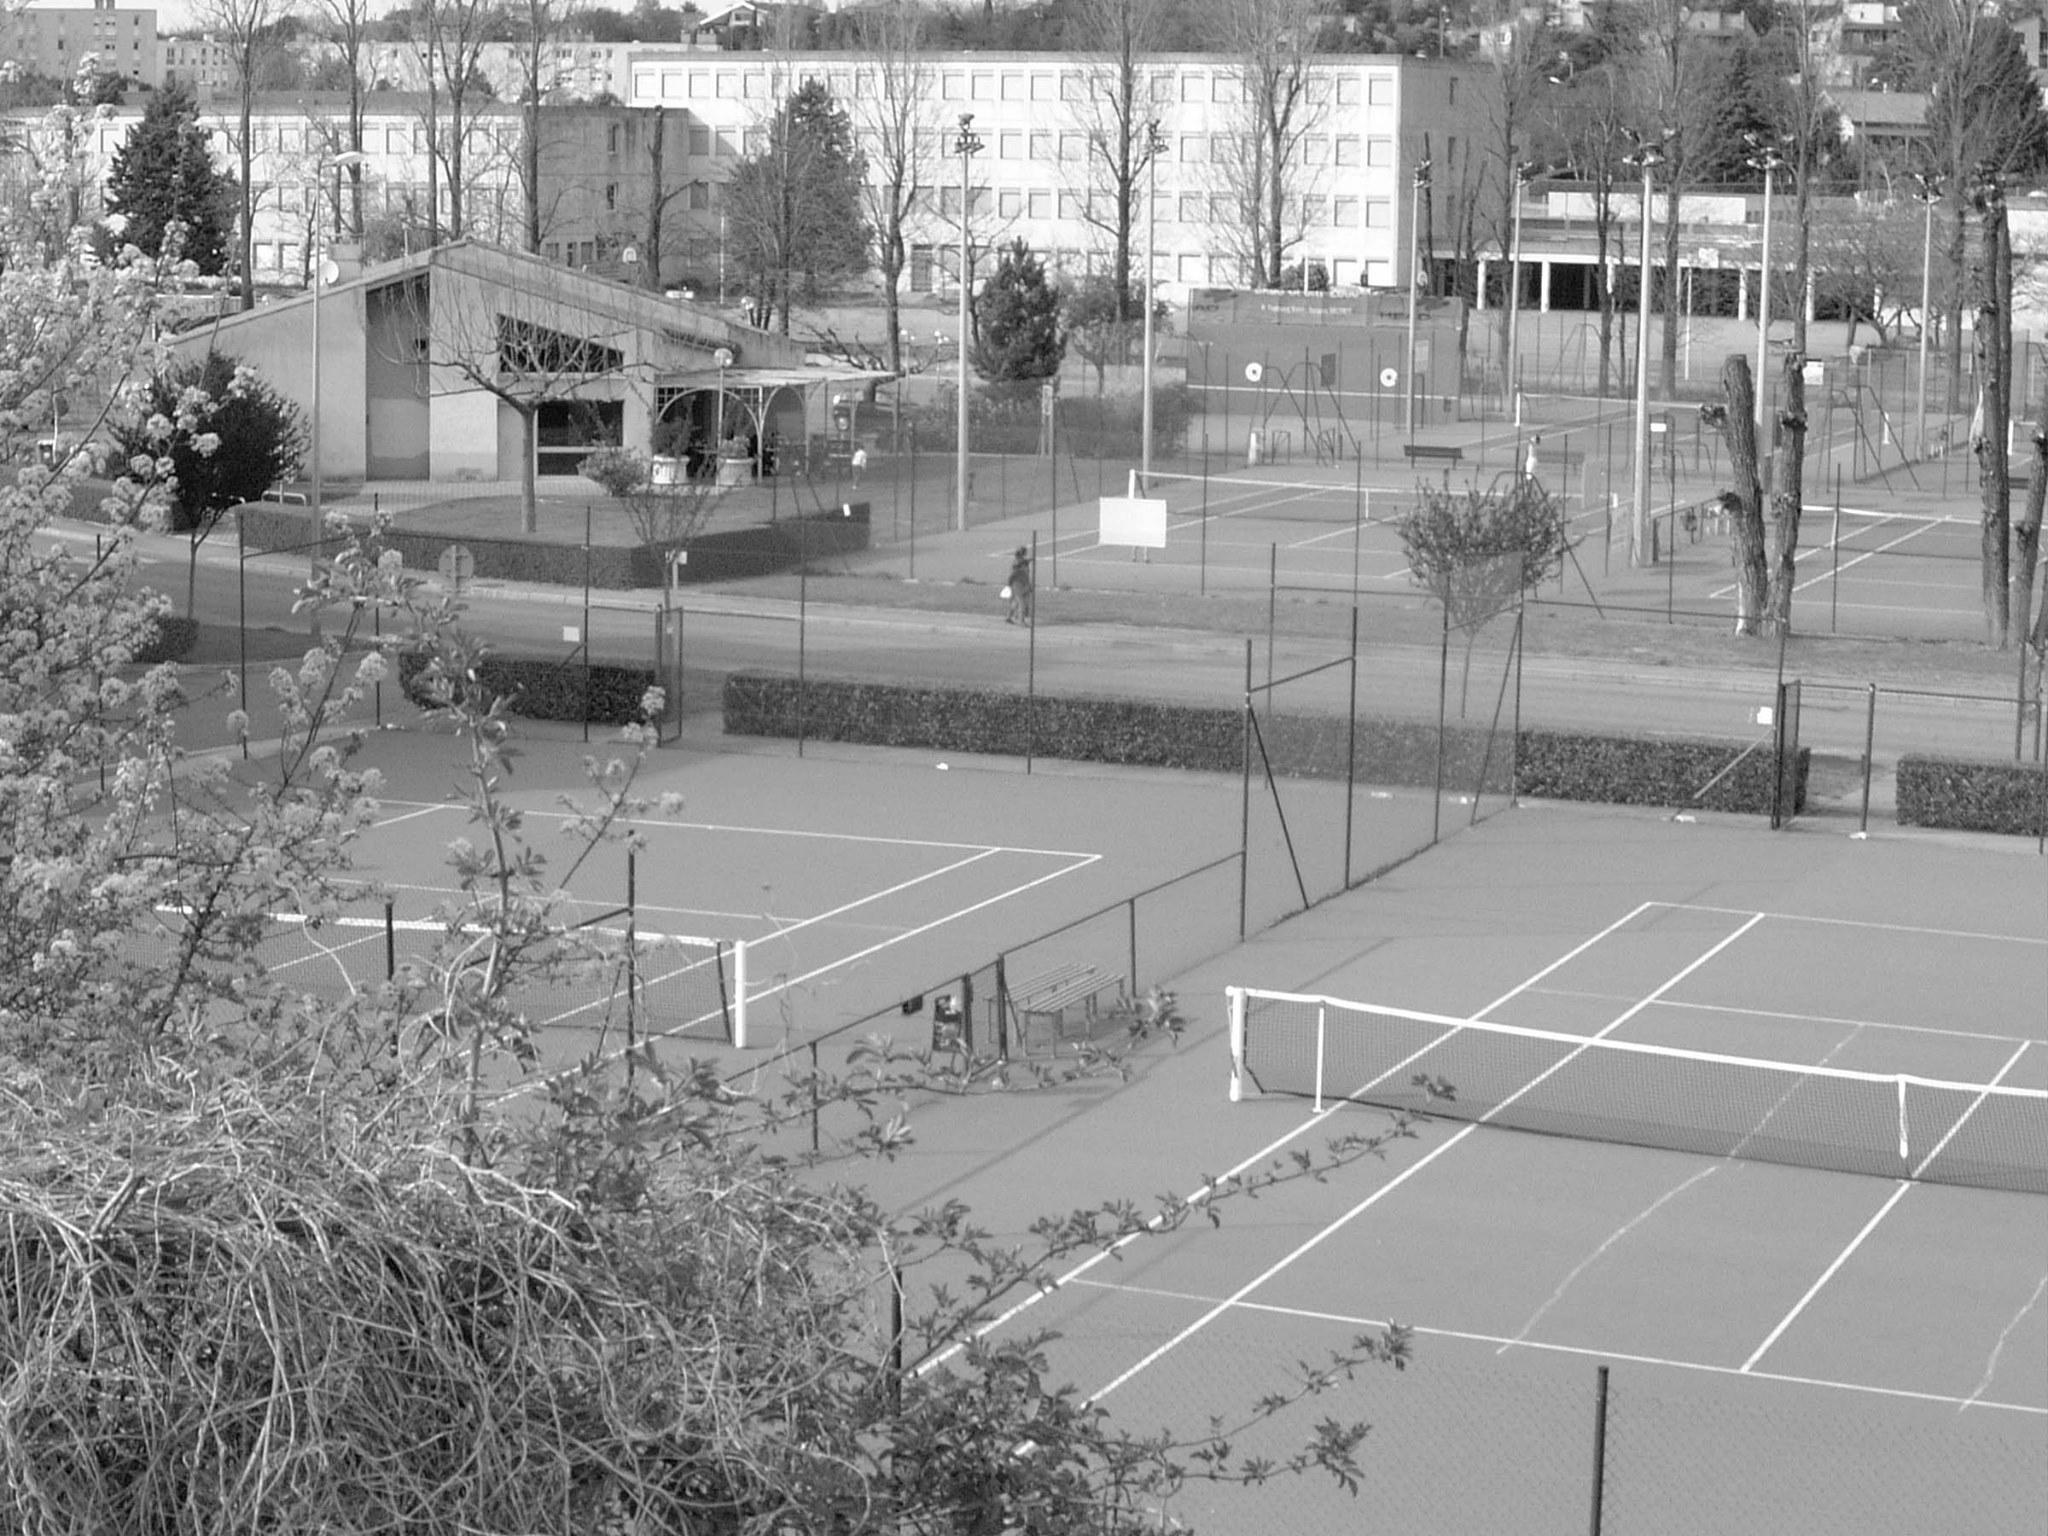 Histoire du tennis club de bourg les valence